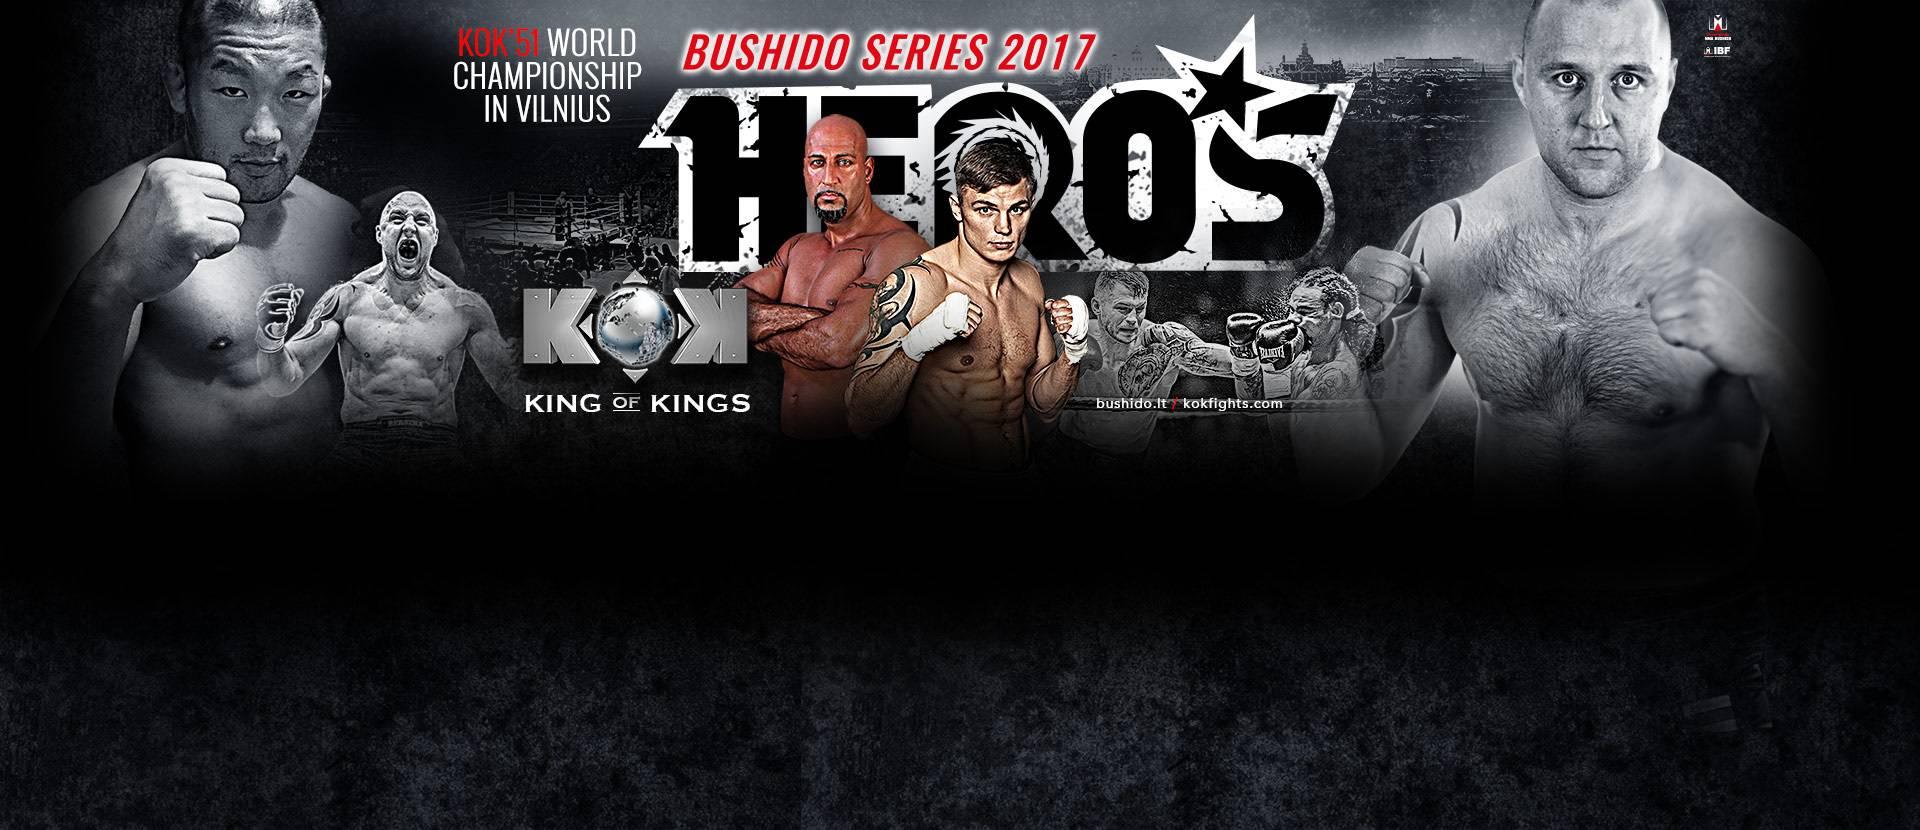 """Tarptautinis turnyras """"BUSHIDO HERO'S 2017 Vilnius"""" šou"""